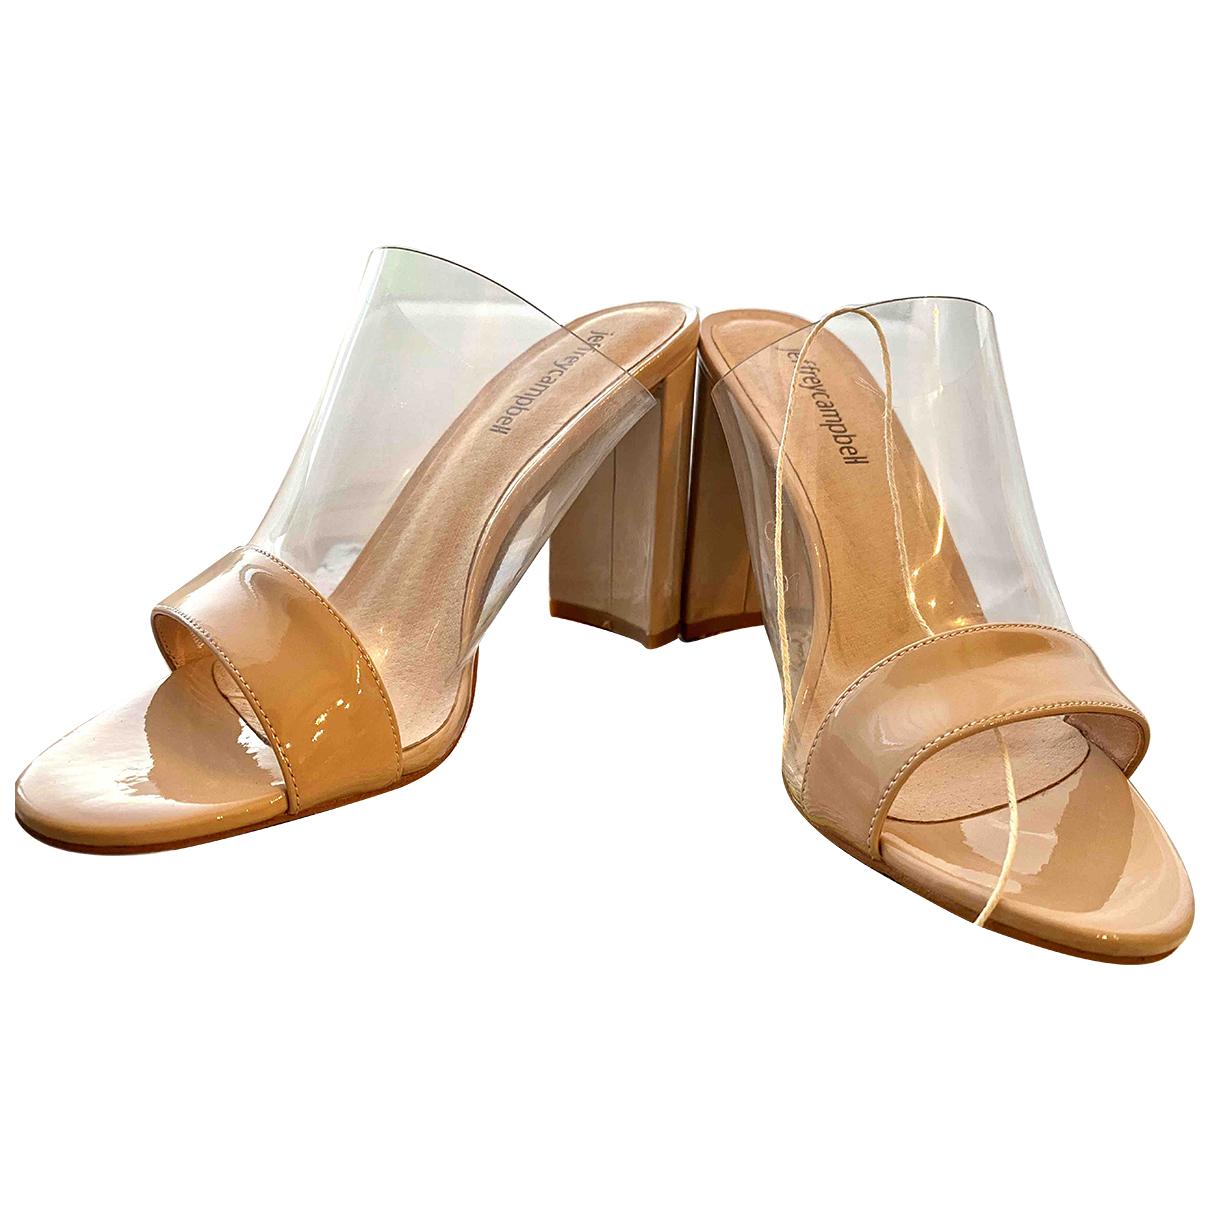 Jeffrey Campbell - Sandales   pour femme en cuir - beige